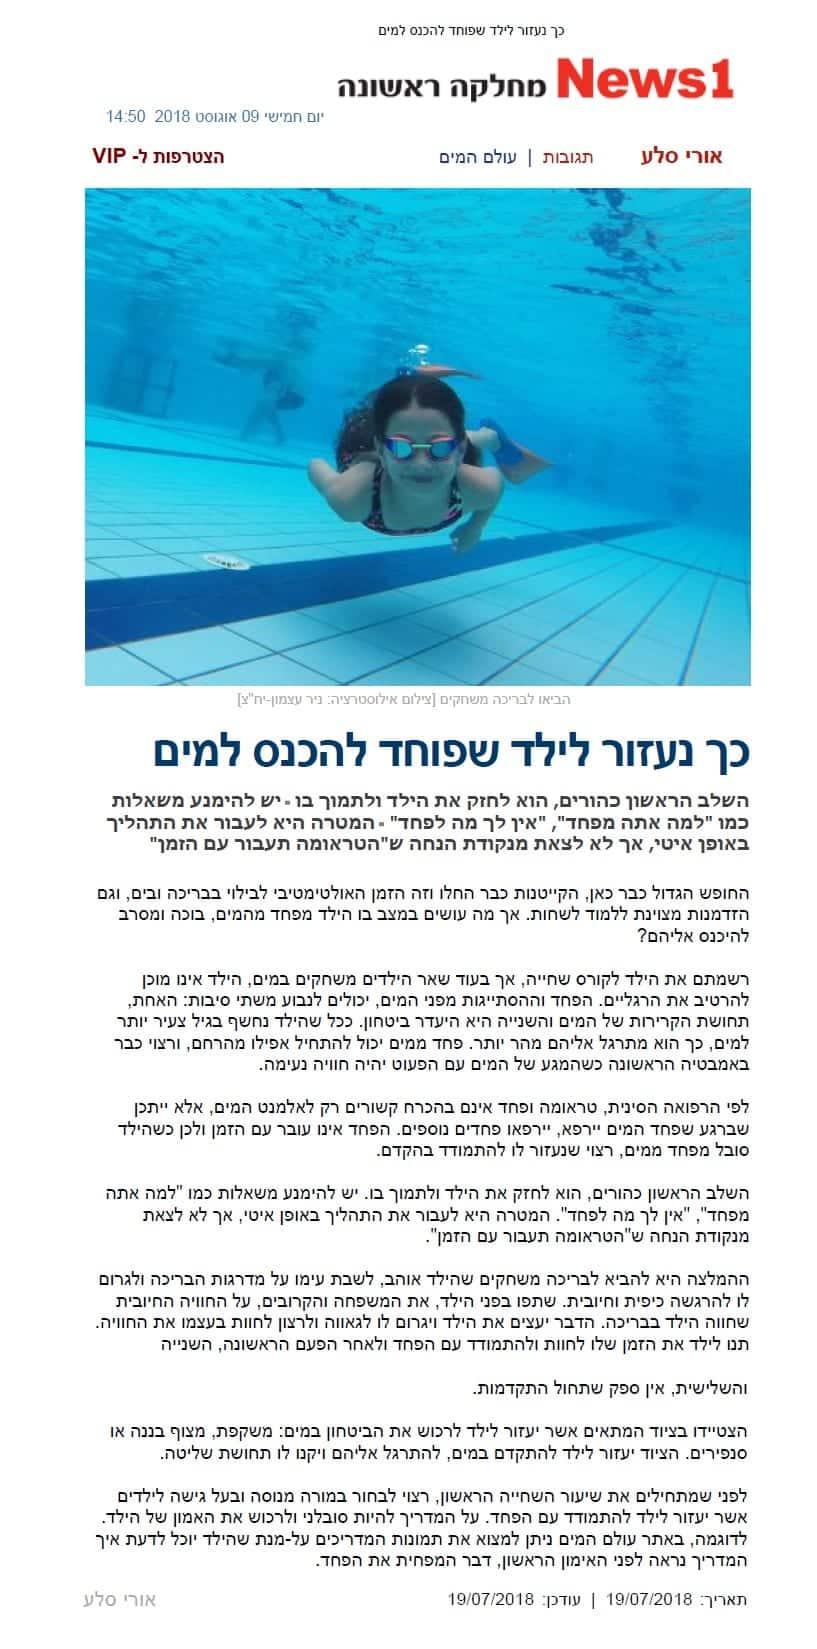 כך נעזור לילד שפוחד להיכנס למים